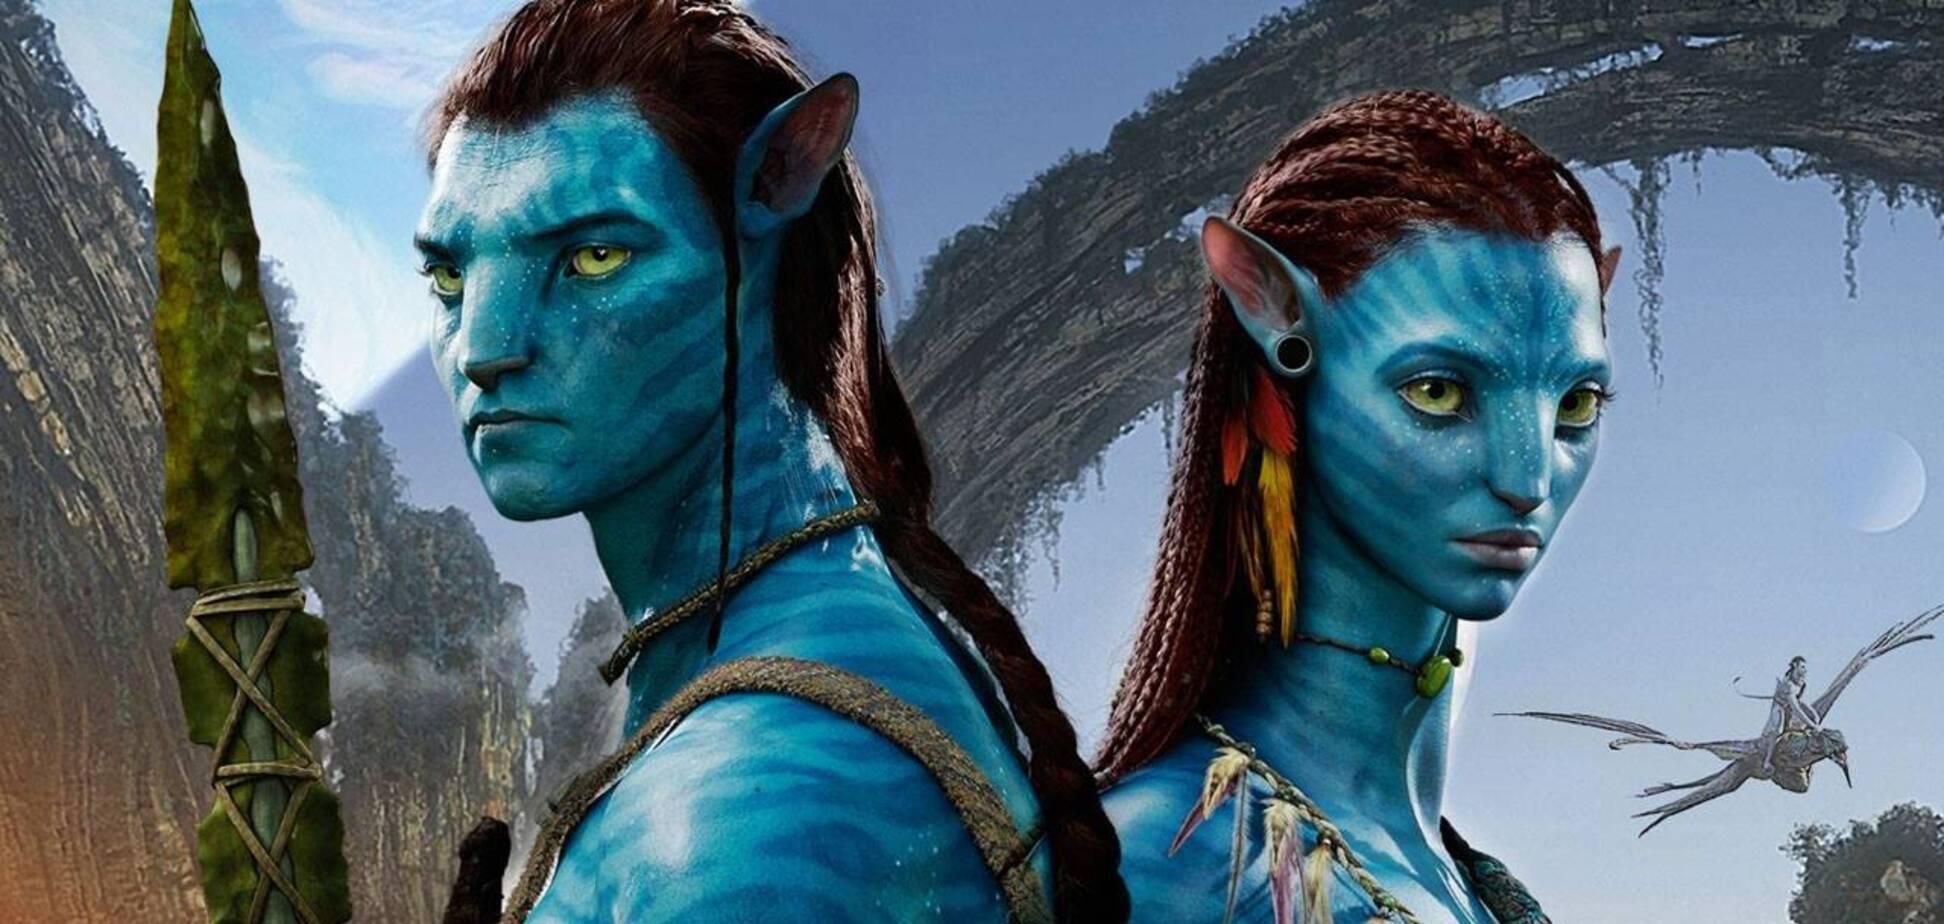 'Аватар', 'Зоряні війни', 'Мулан': Disney відклала прем'єру багатьох фільмів. Коли чекати